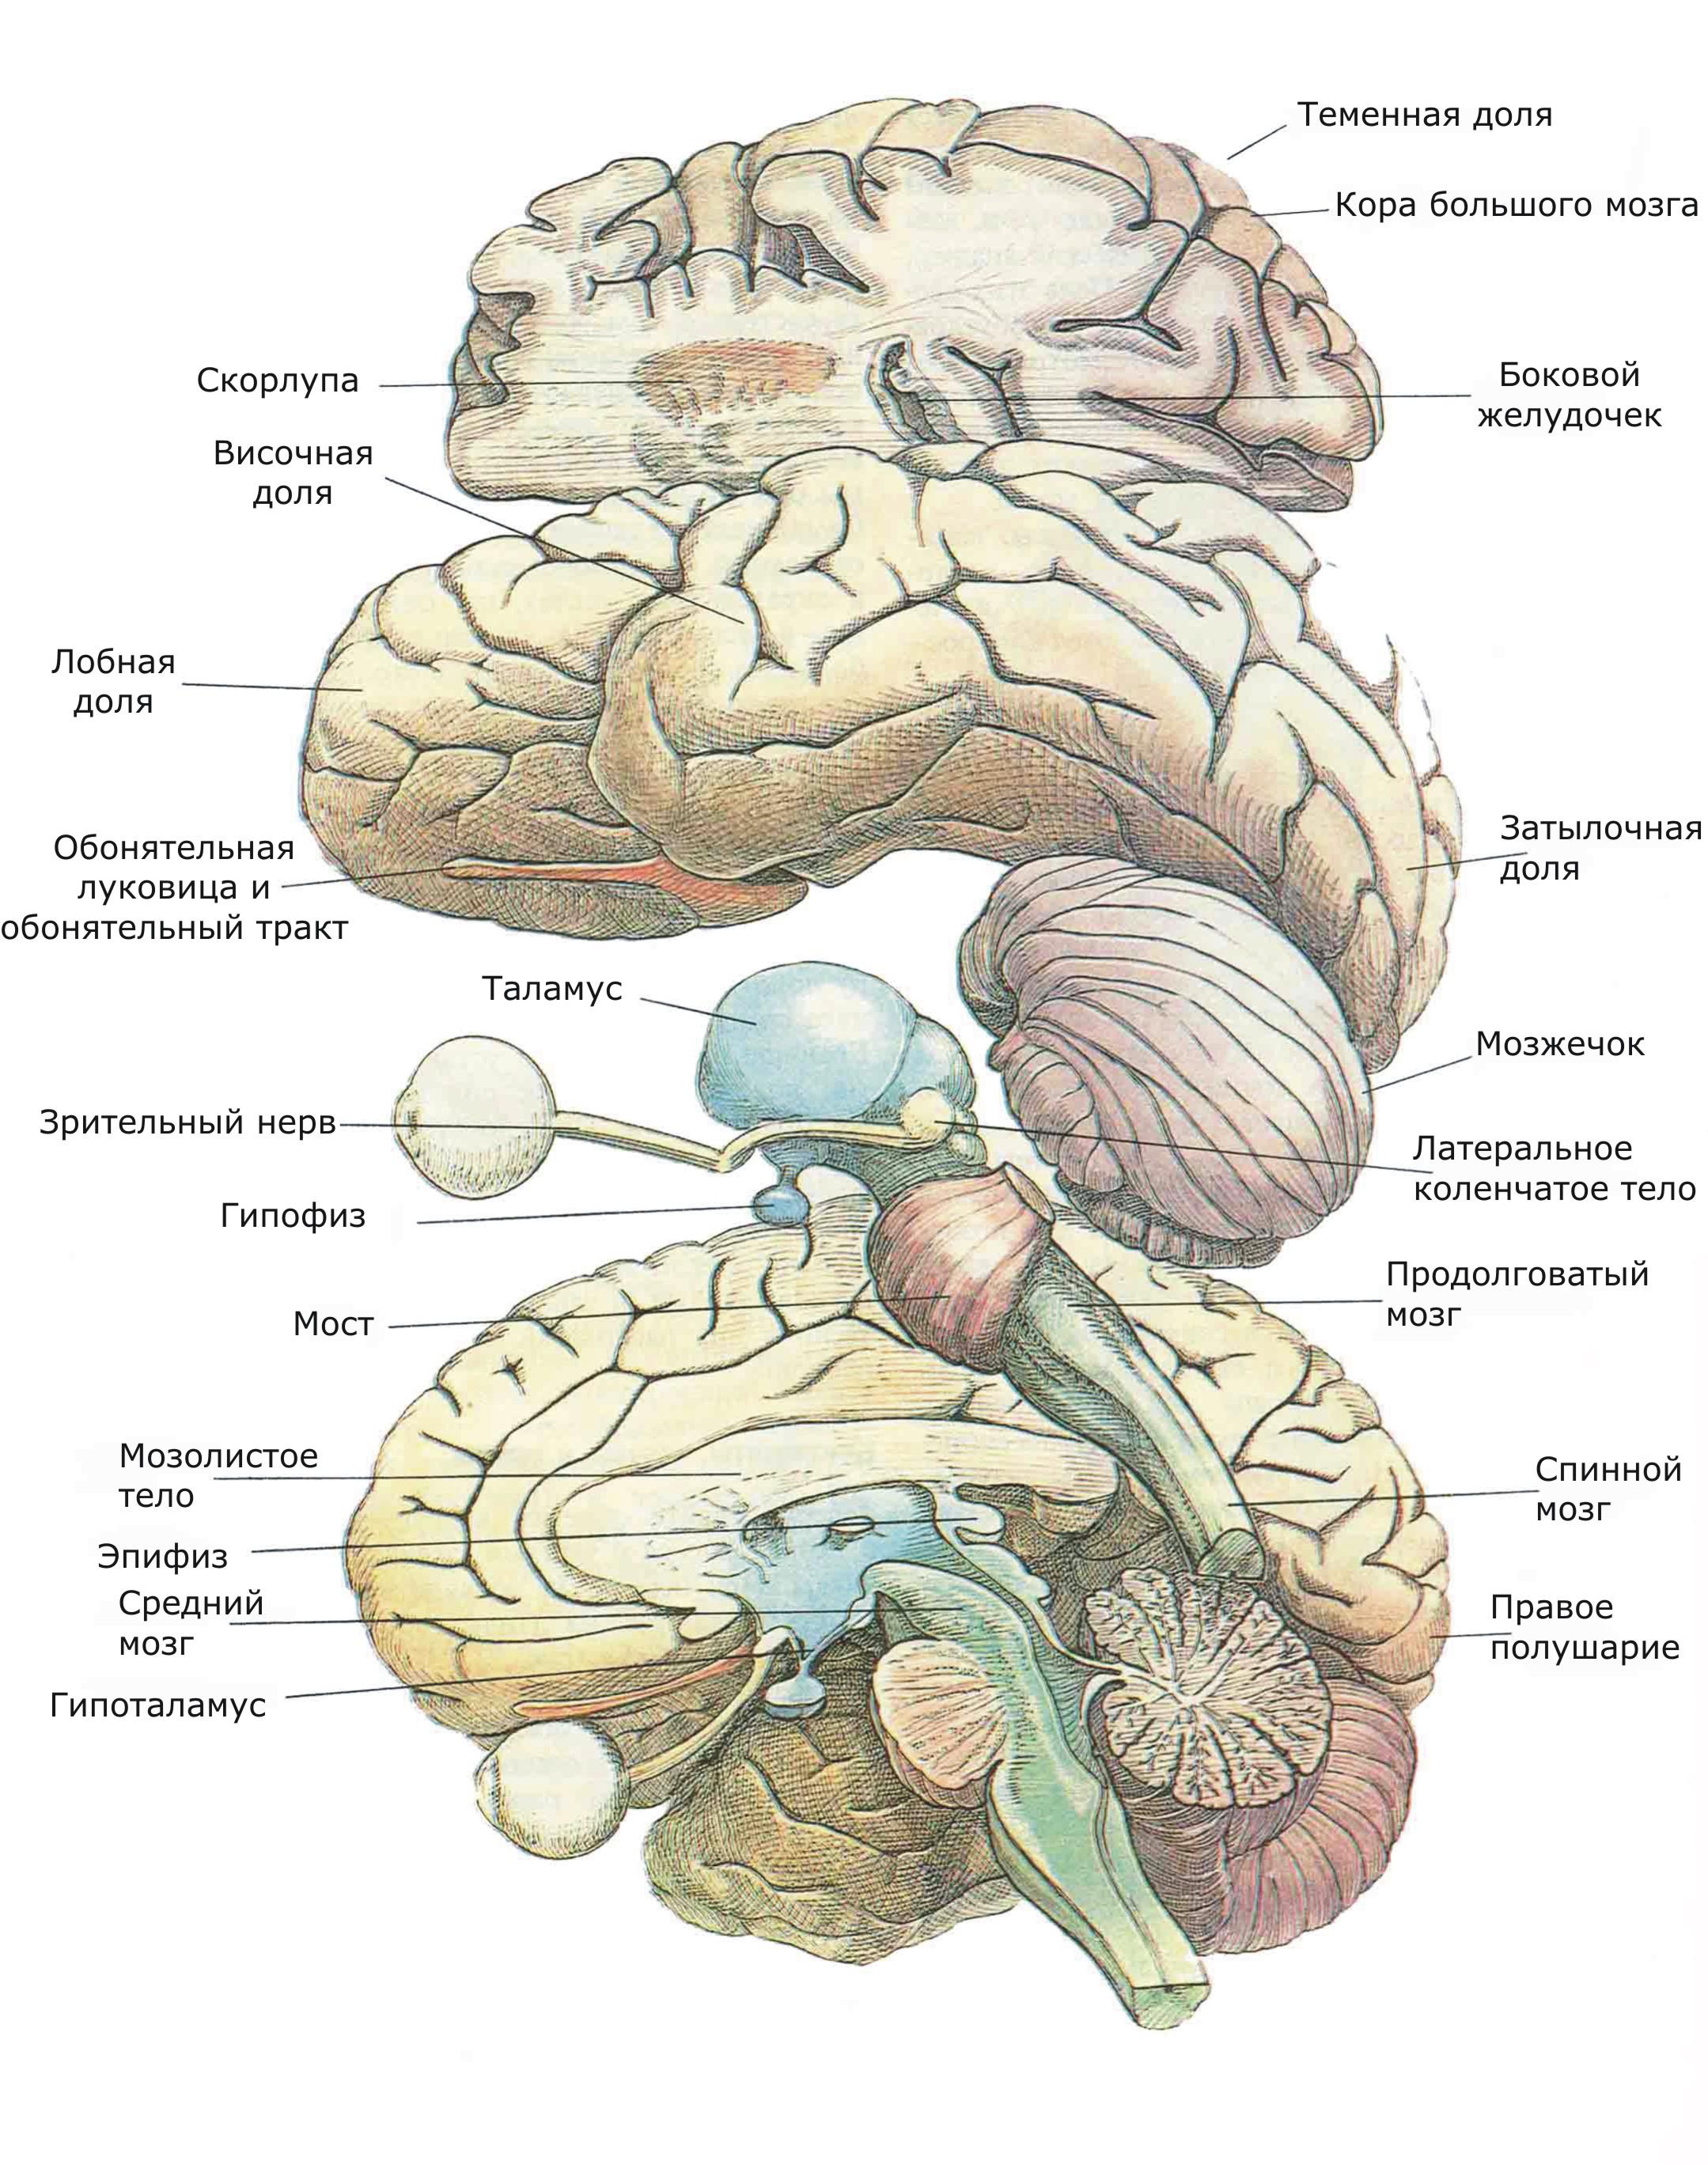 «Географическая» схема организации мозга